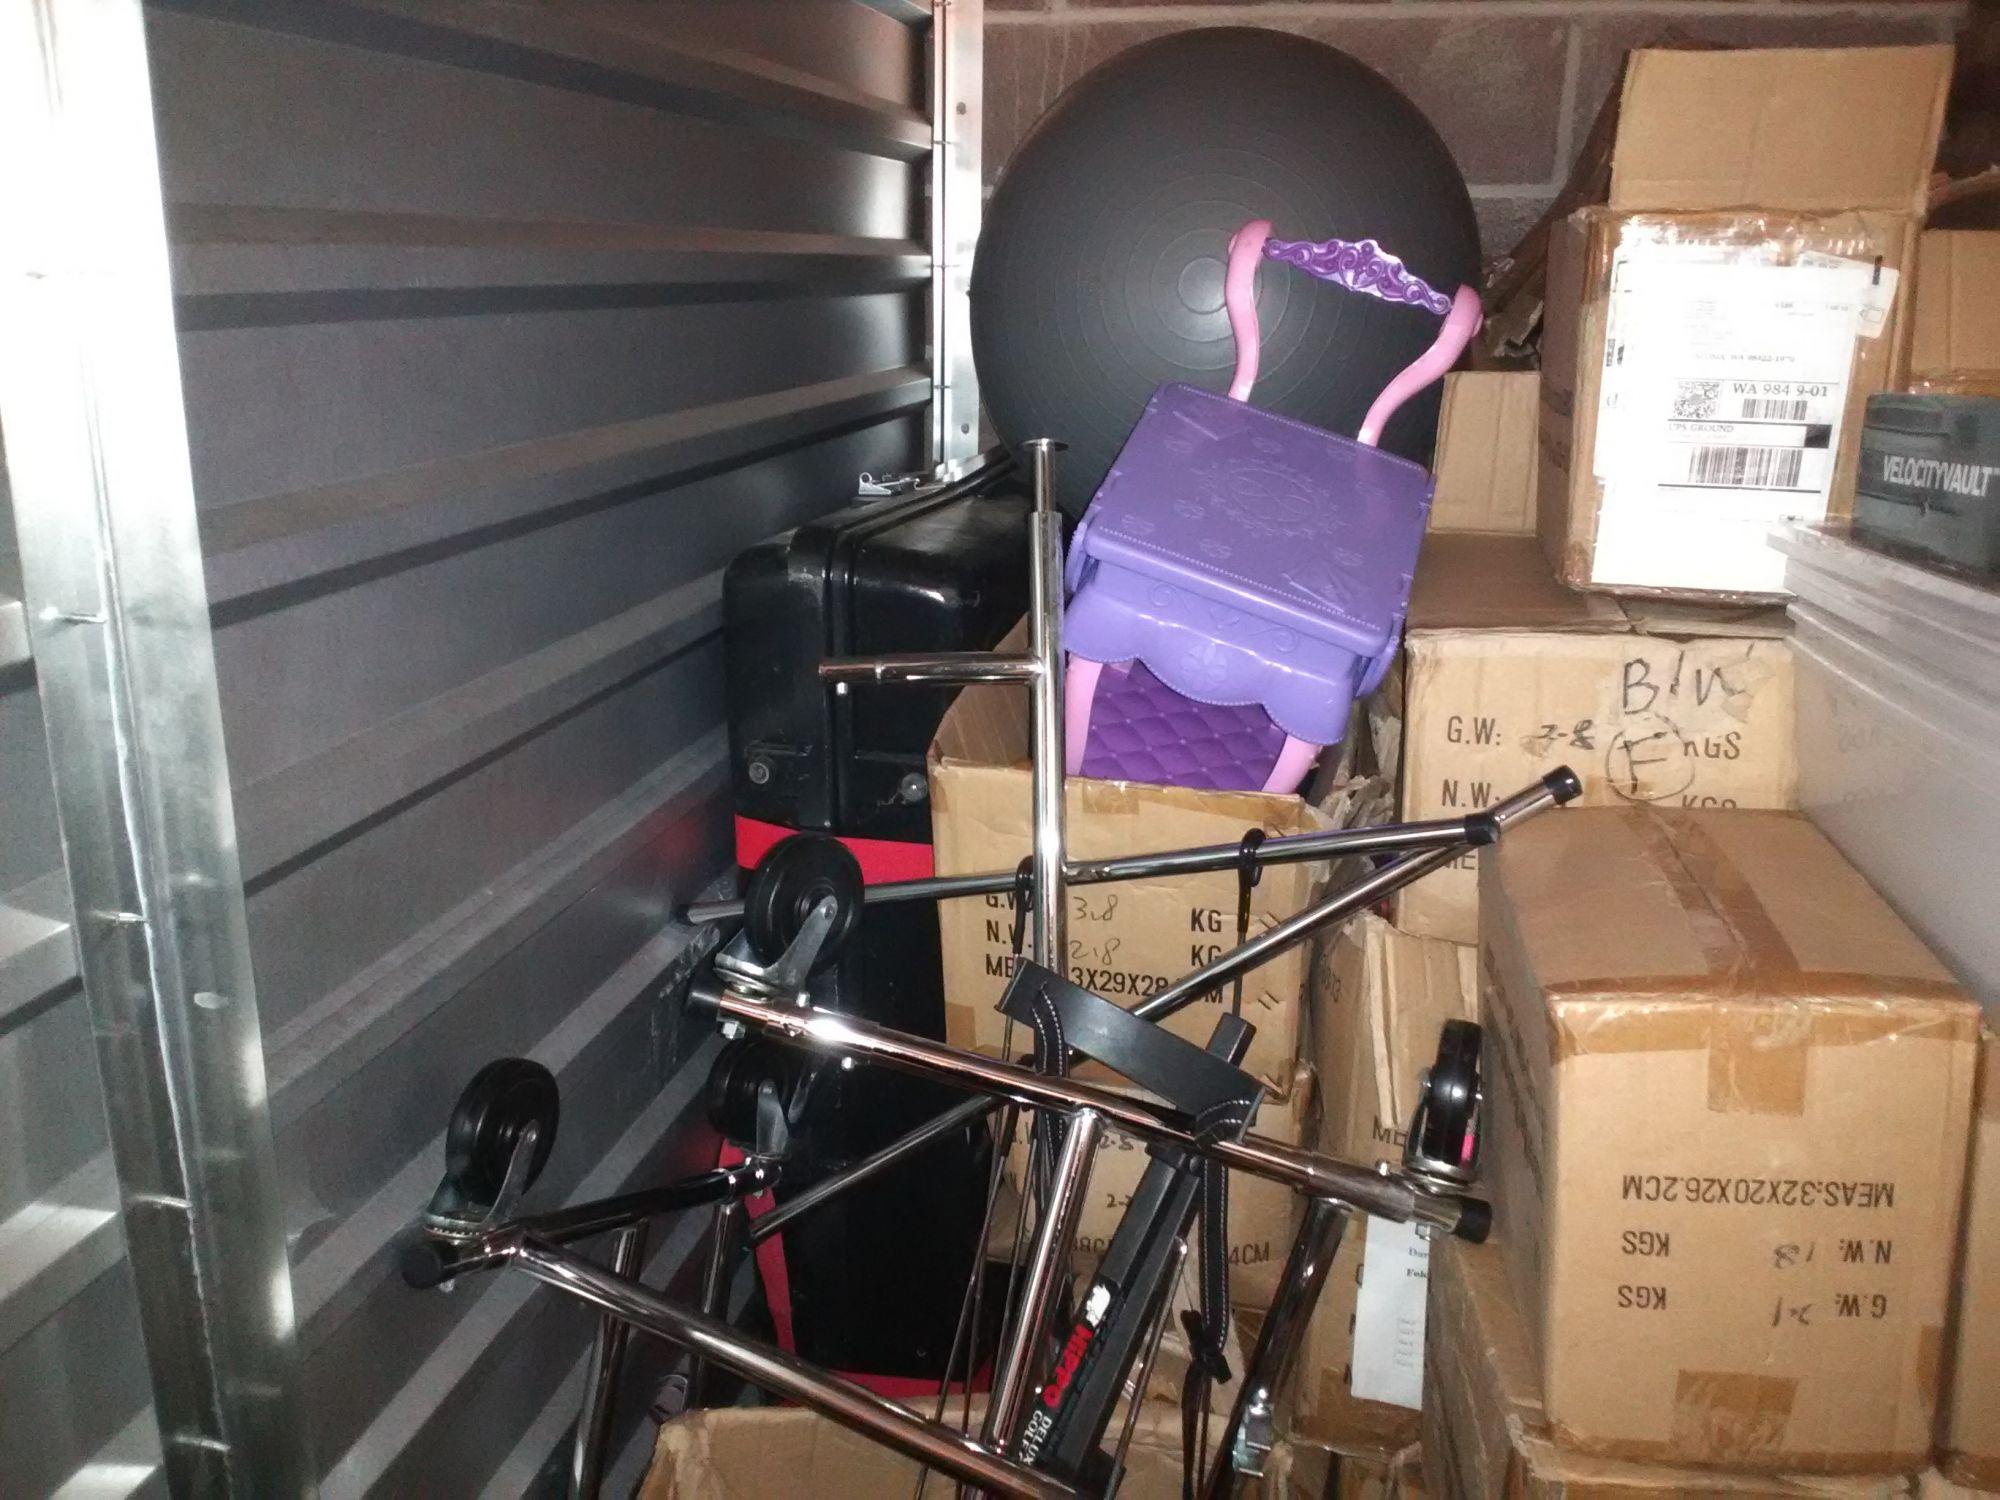 Storage Unit Auction 532783 Federal Way Wa & Storage Units In Federal Way - Listitdallas